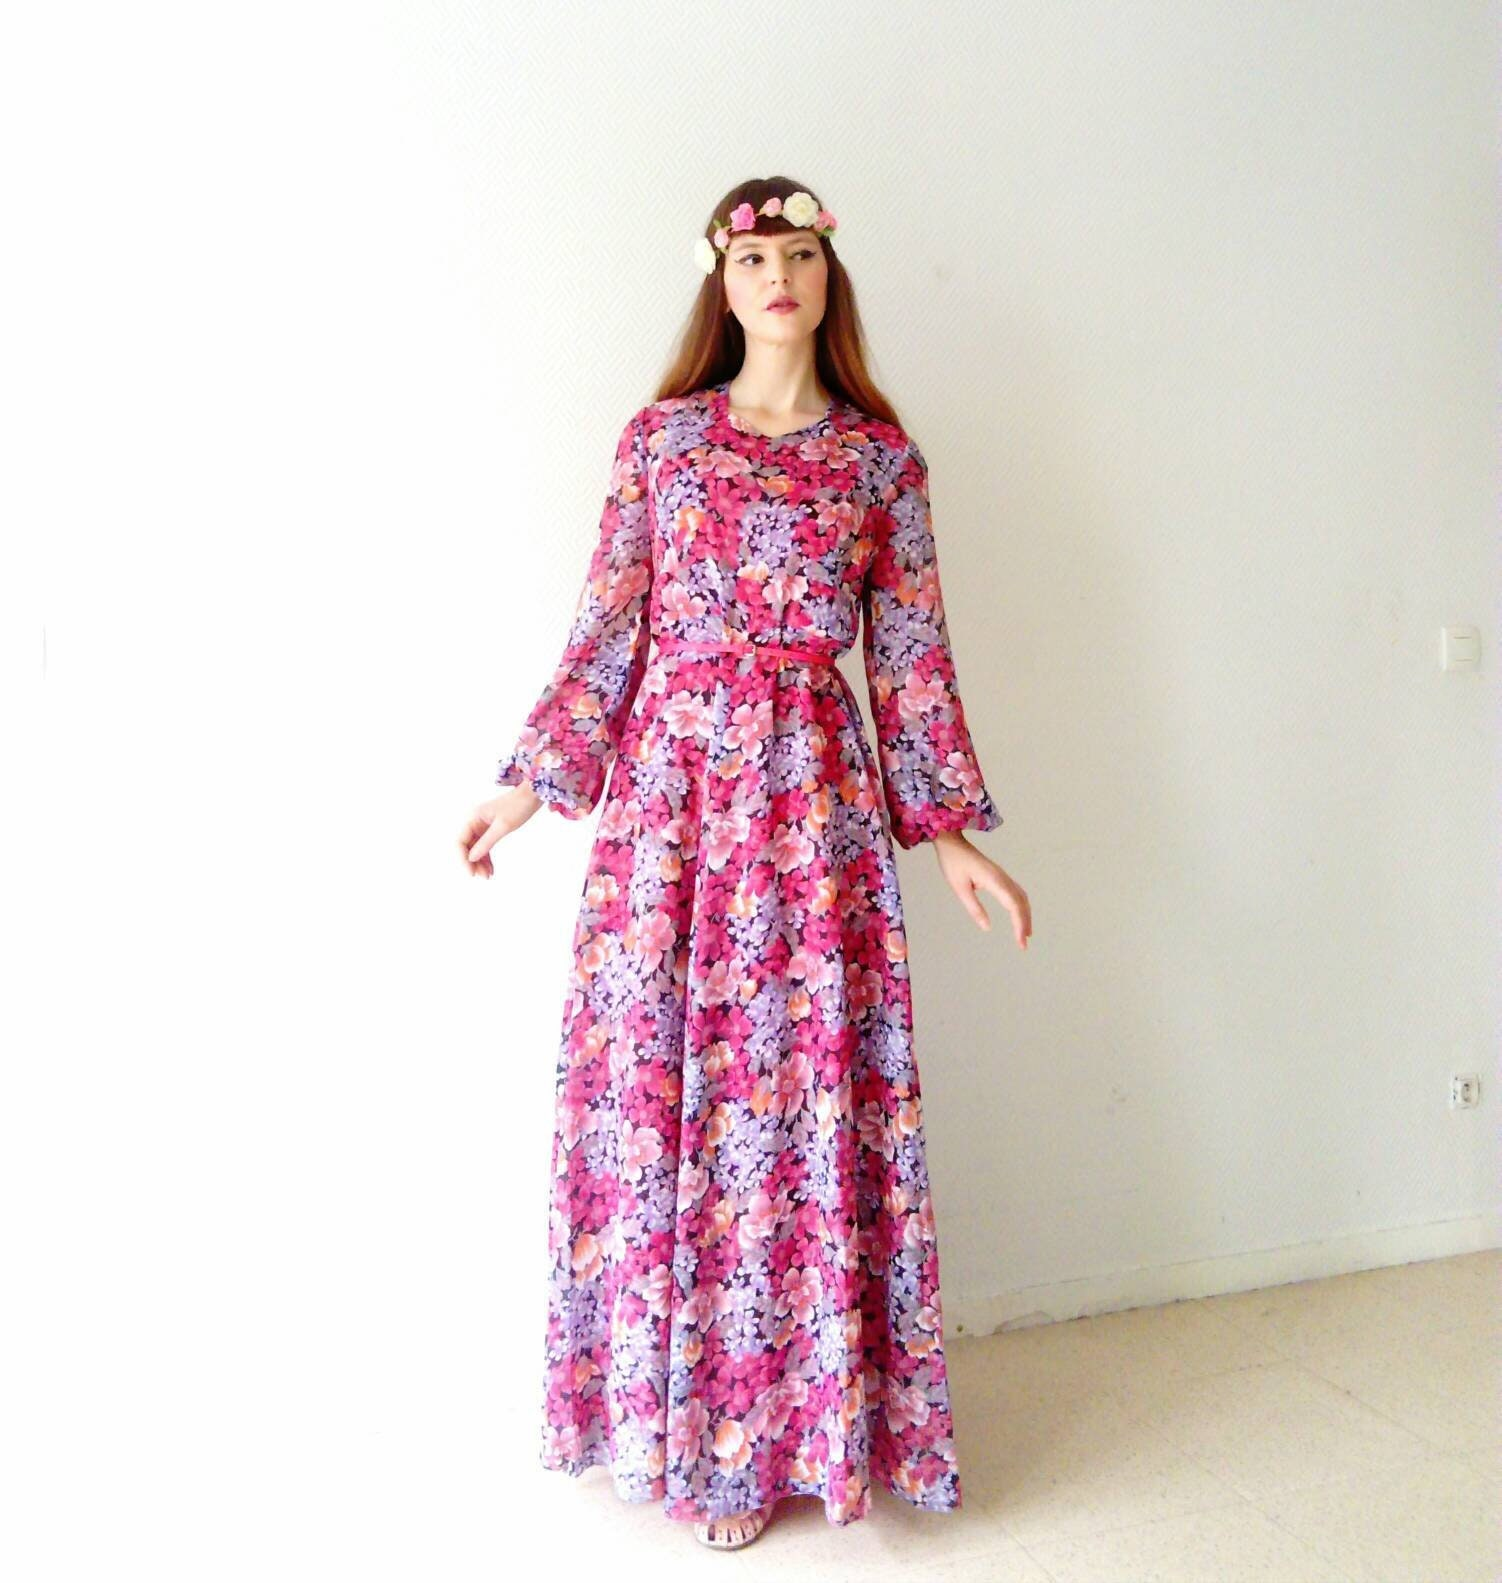 los años Vestido Rlj354a Vestido largo largo floral 70 de 13TKJcFul